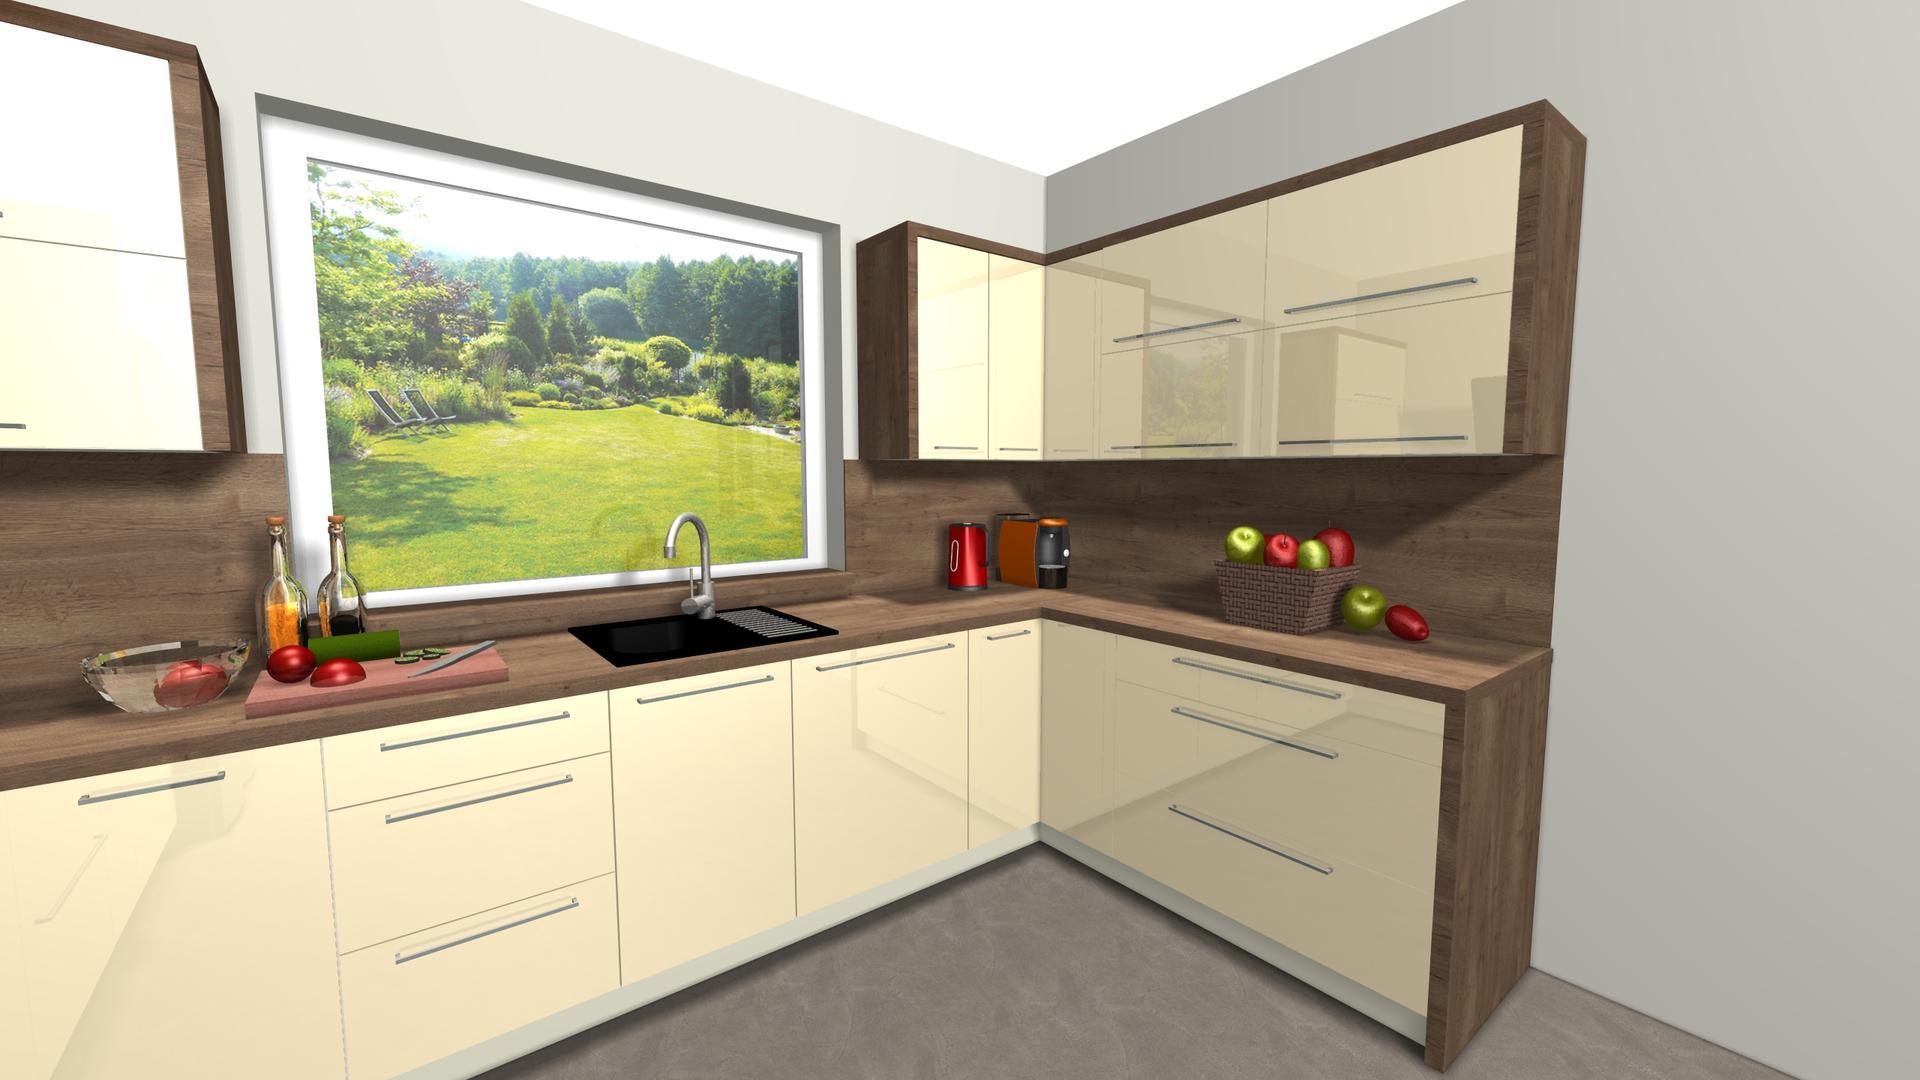 Návrhy kuchyně - Obrázek č. 3